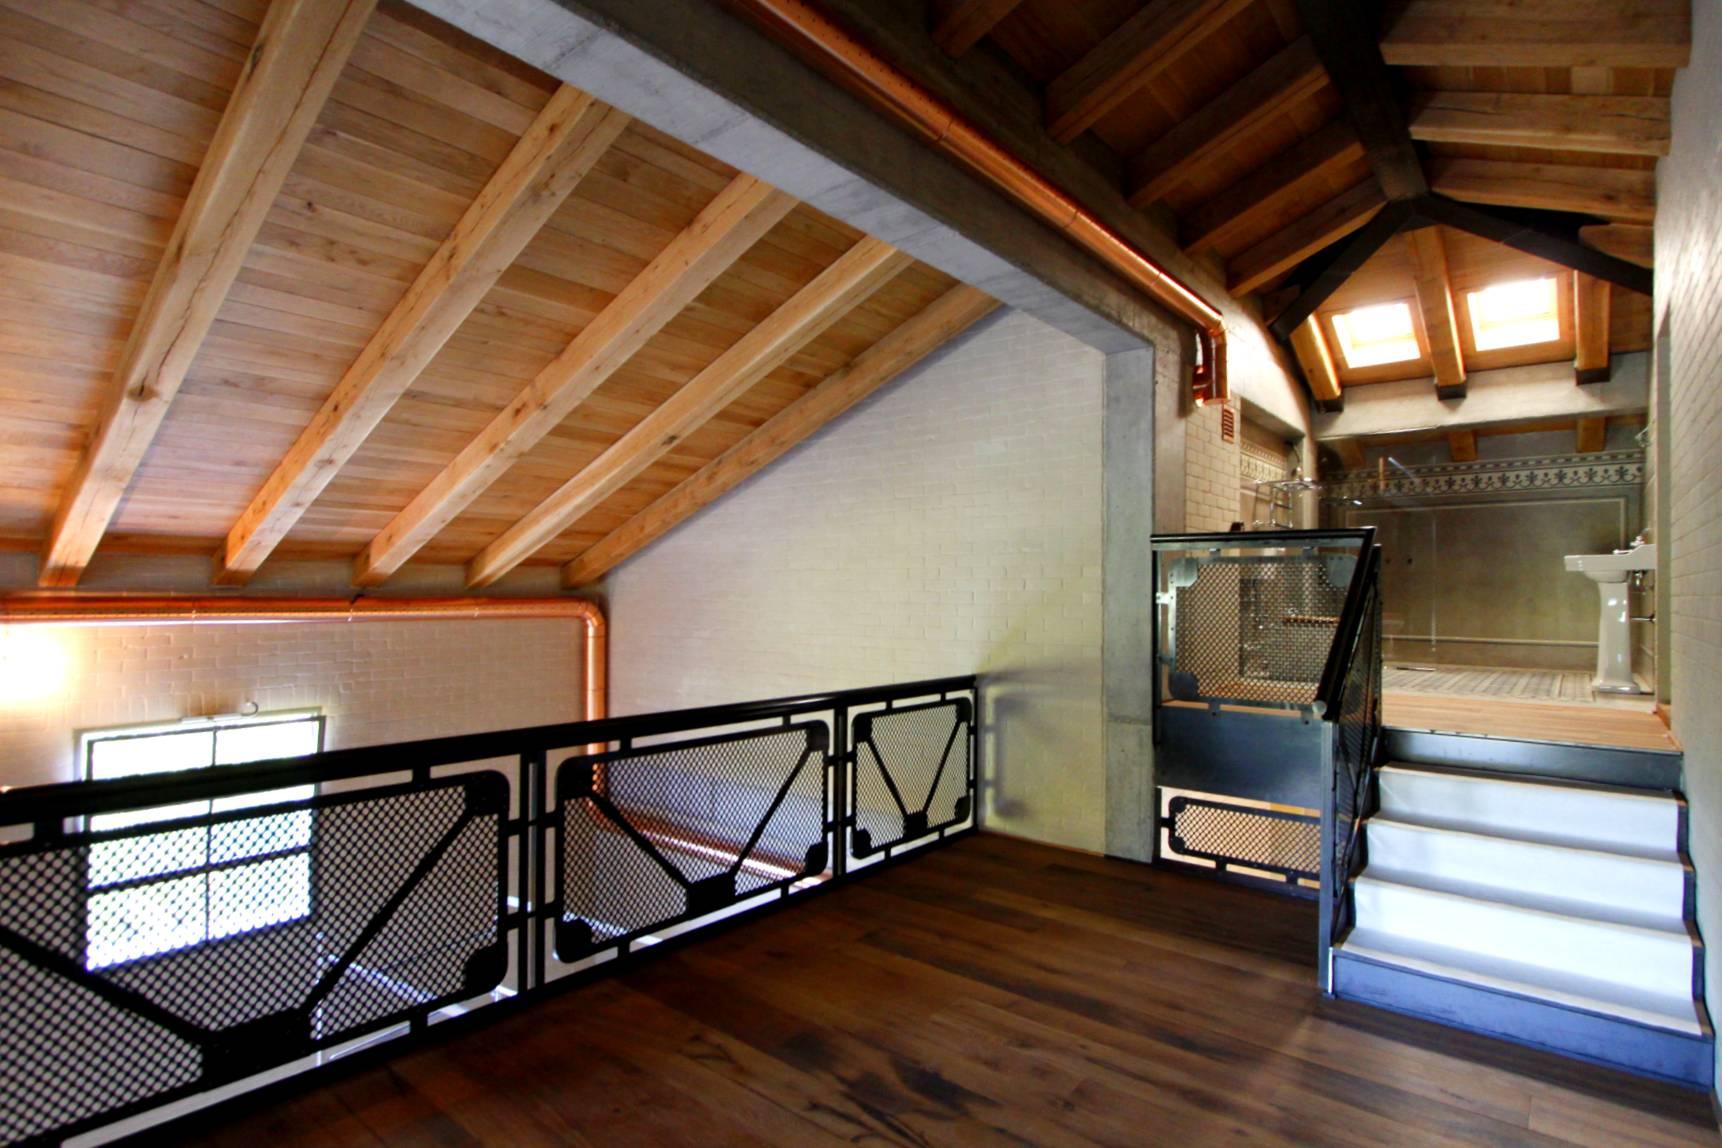 Particolare di interno di una nuova abitazione ad uso abitativo - ITON SRL